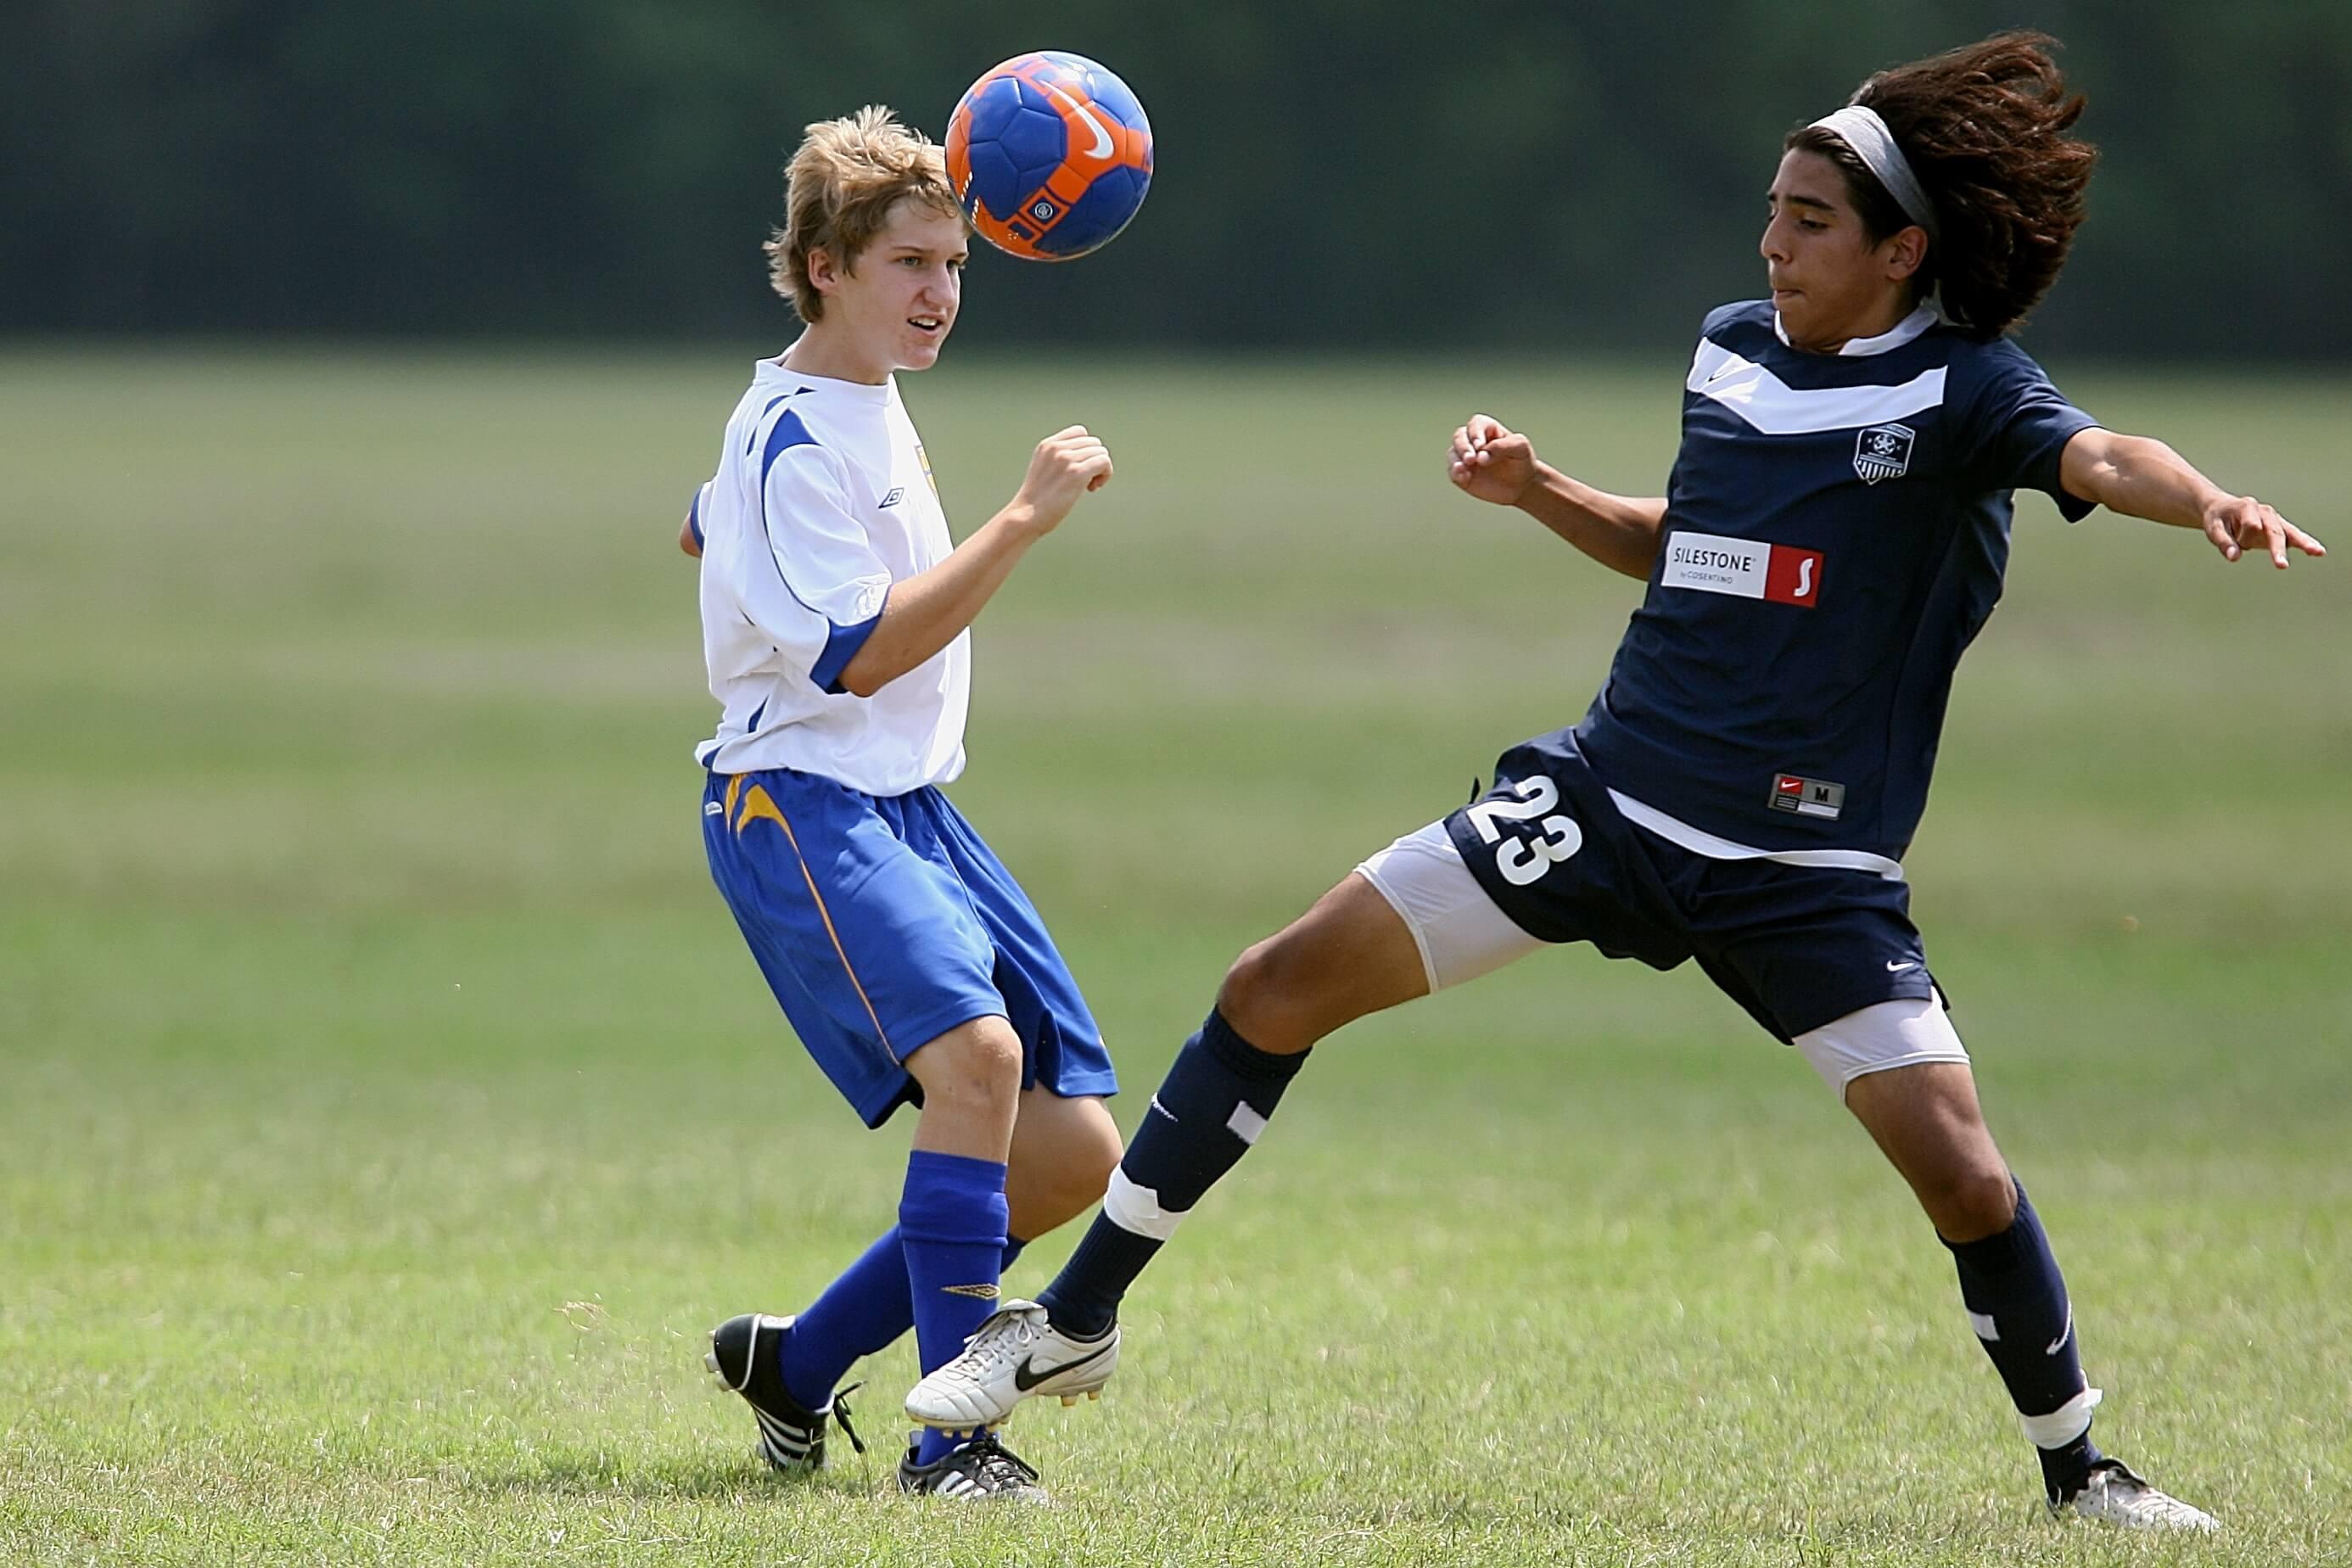 Tieners aan het voetballen